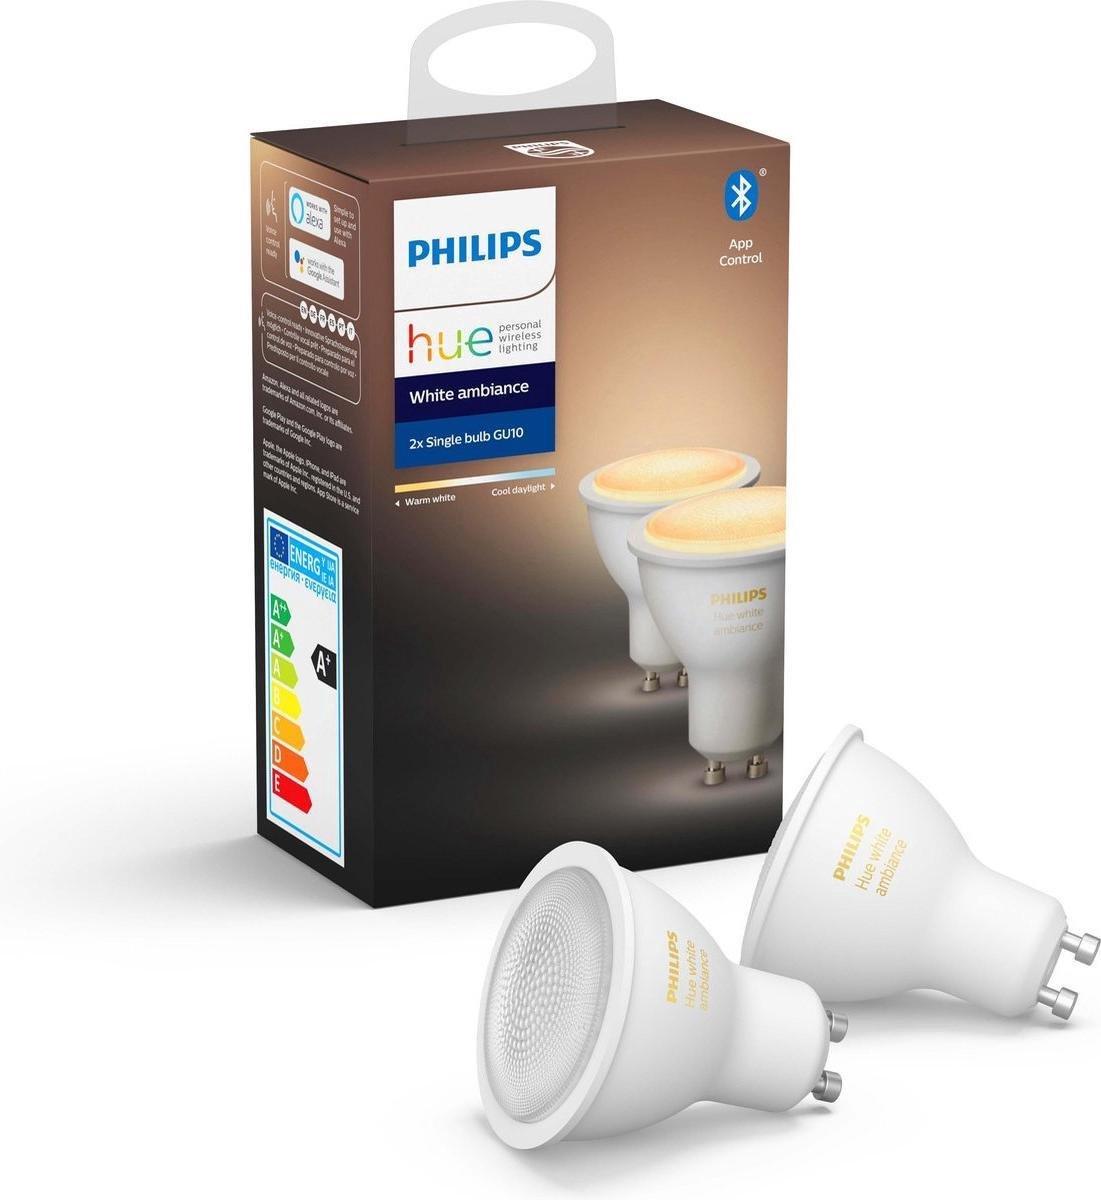 PHILIPS HUE - Opbouwspot Set GU10 - White Ambiance - Bluetooth - Pragmi Luxina Pro - Opbouw Rond - Mat Zwart - Verdiept - Kantelbaar - Ø90mm